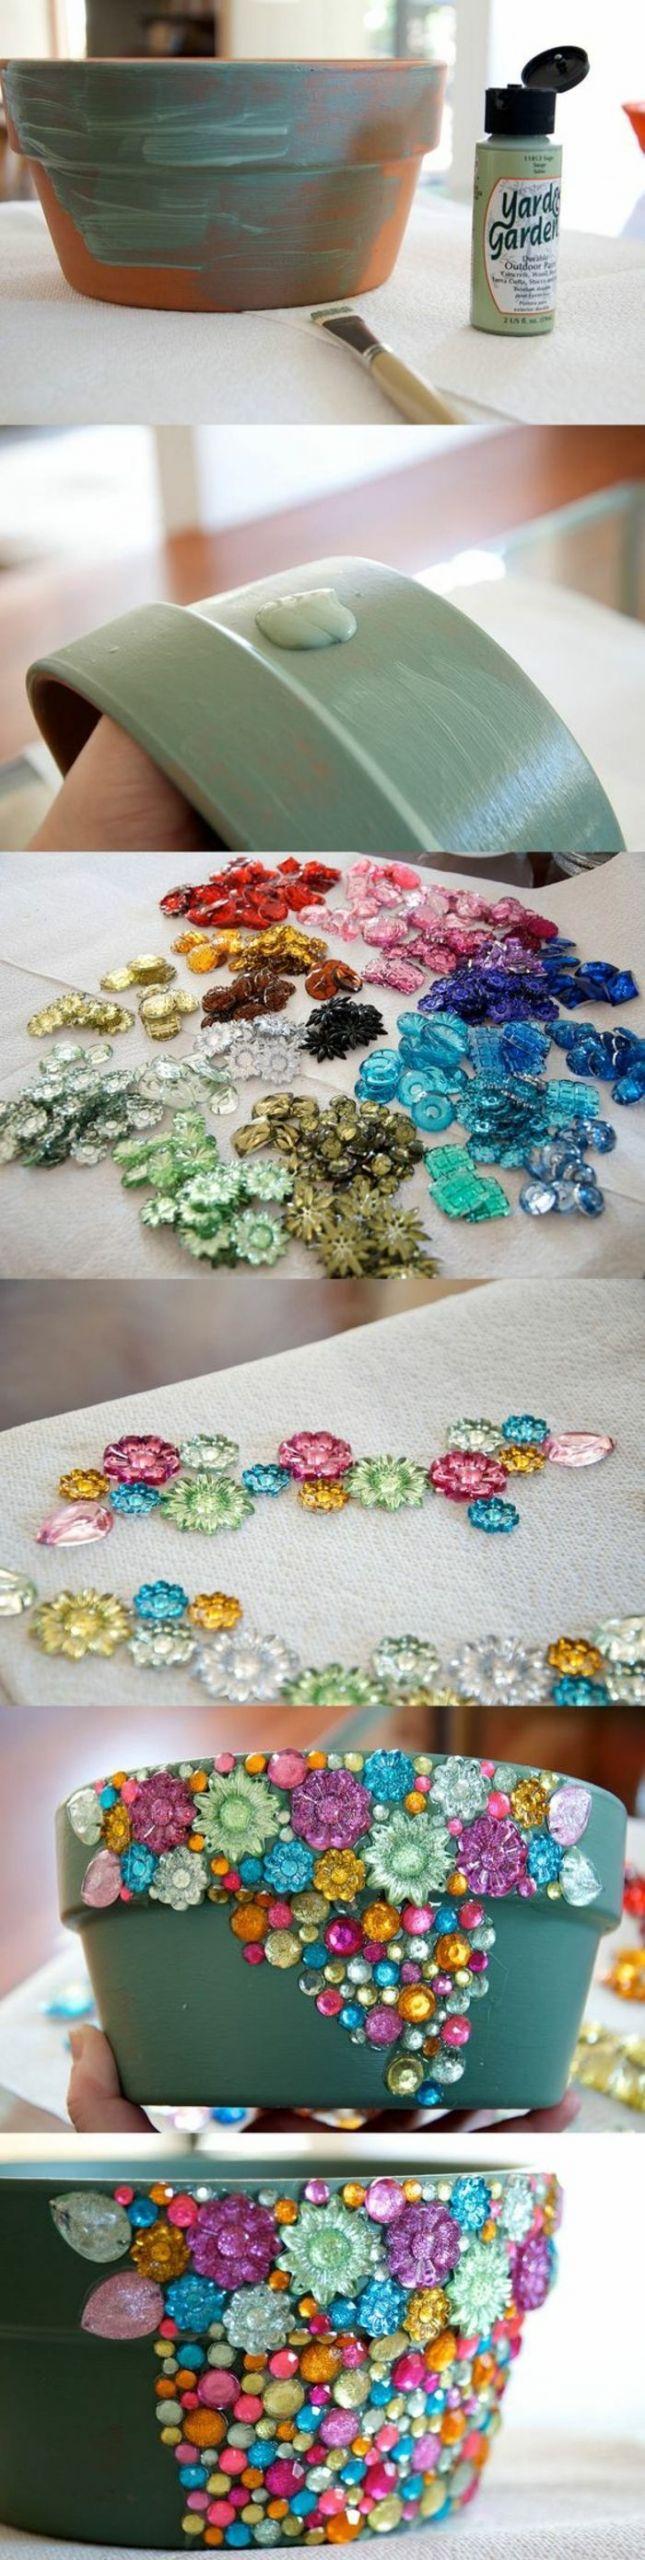 decoration exterieur de jardin pot C3 A0 fleur c C3 A9ramique peint en vert ornements cristaux mosaique multicolore e